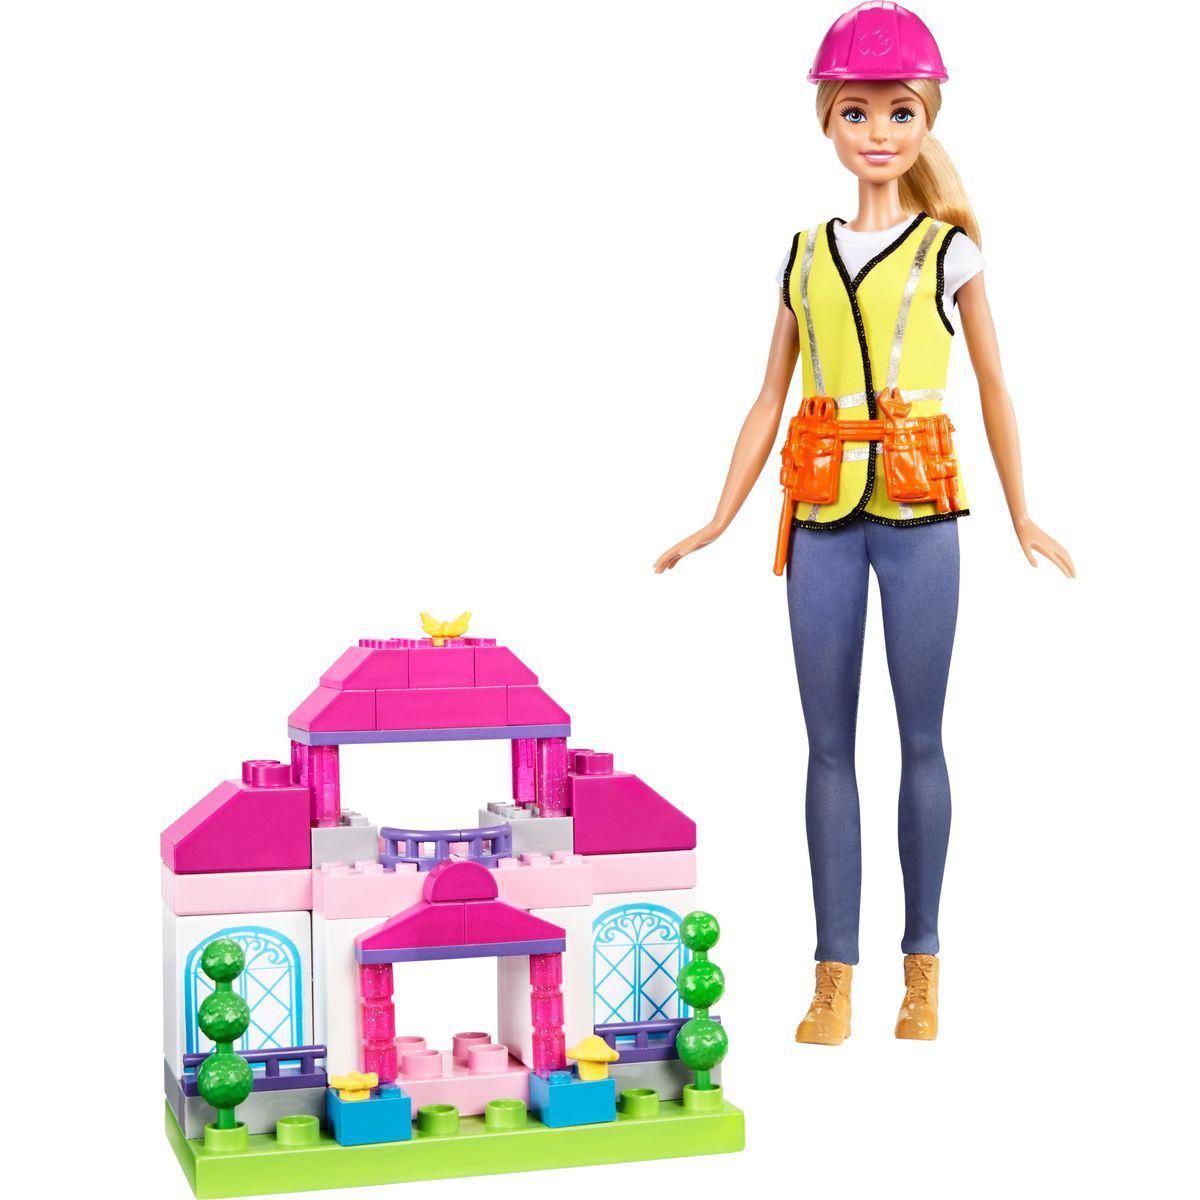 Кукла Барби Кем быть? - Строитель, 29 см